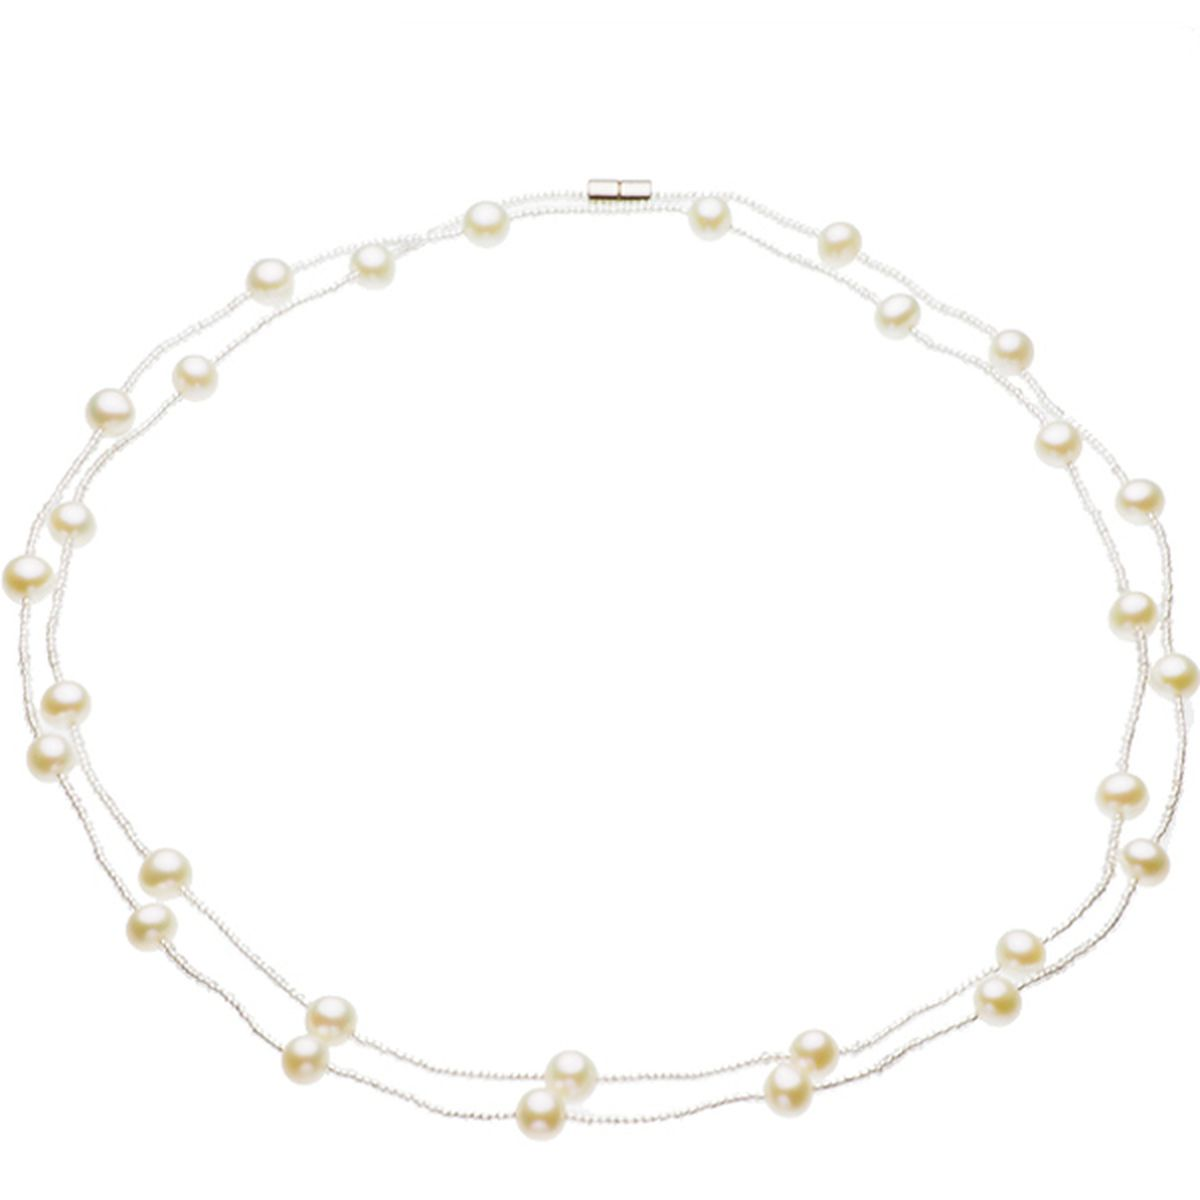 淡水 真珠 パールロングネックレス 約7.0-8.0mm 真珠 パール ギフト プレゼの写真